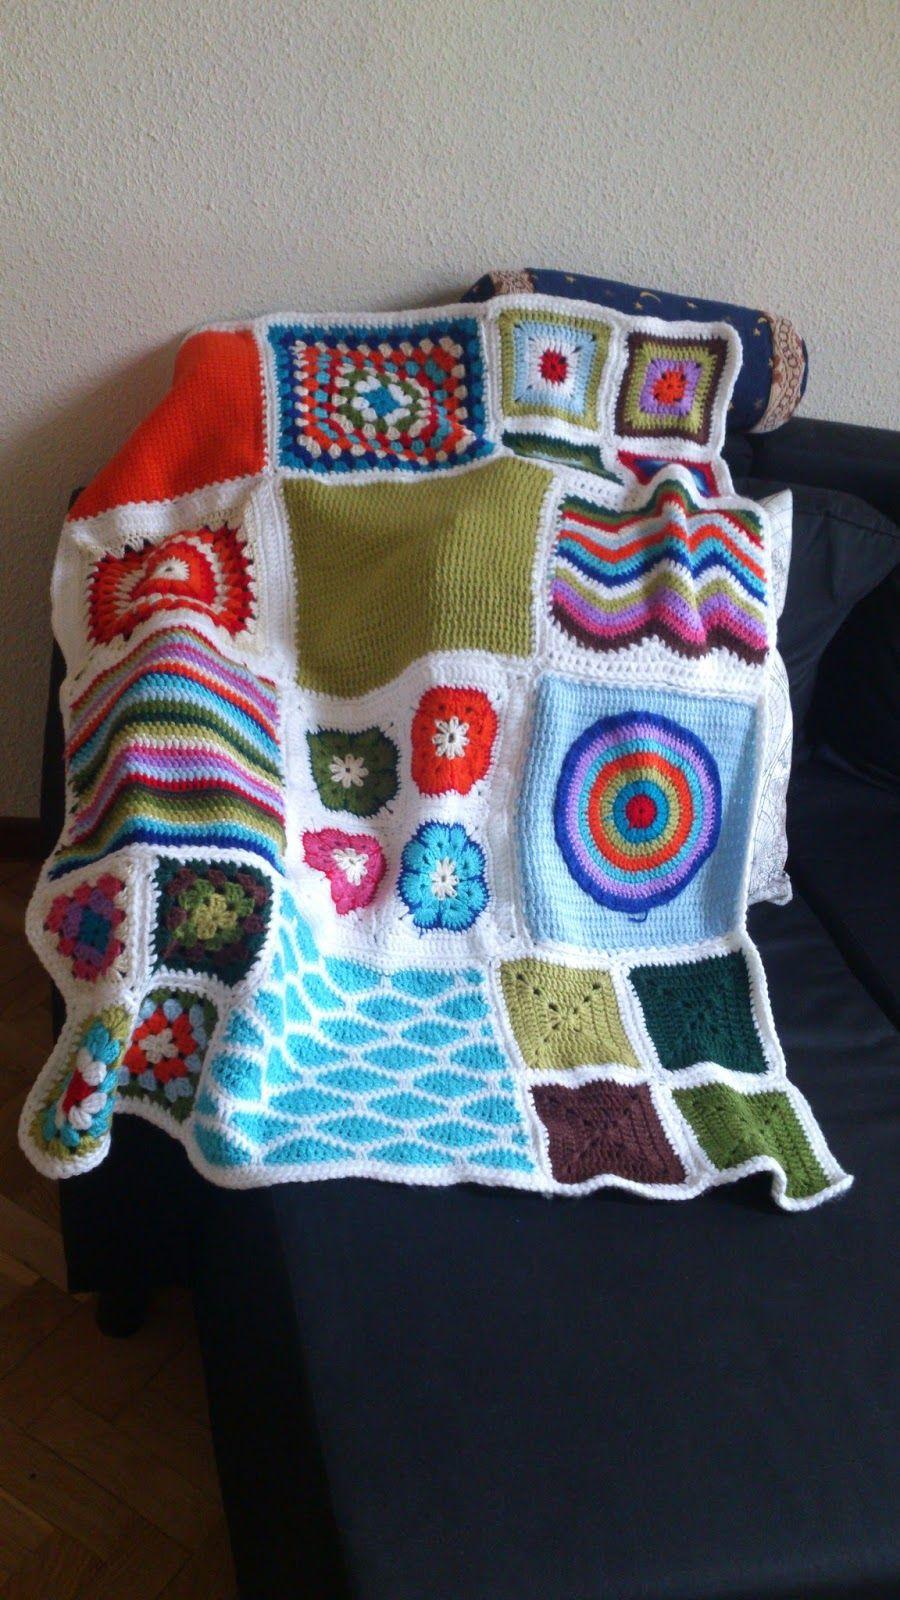 Proyectos crochet y más: Manta pachtwork-crochet fácil | cosas que ...